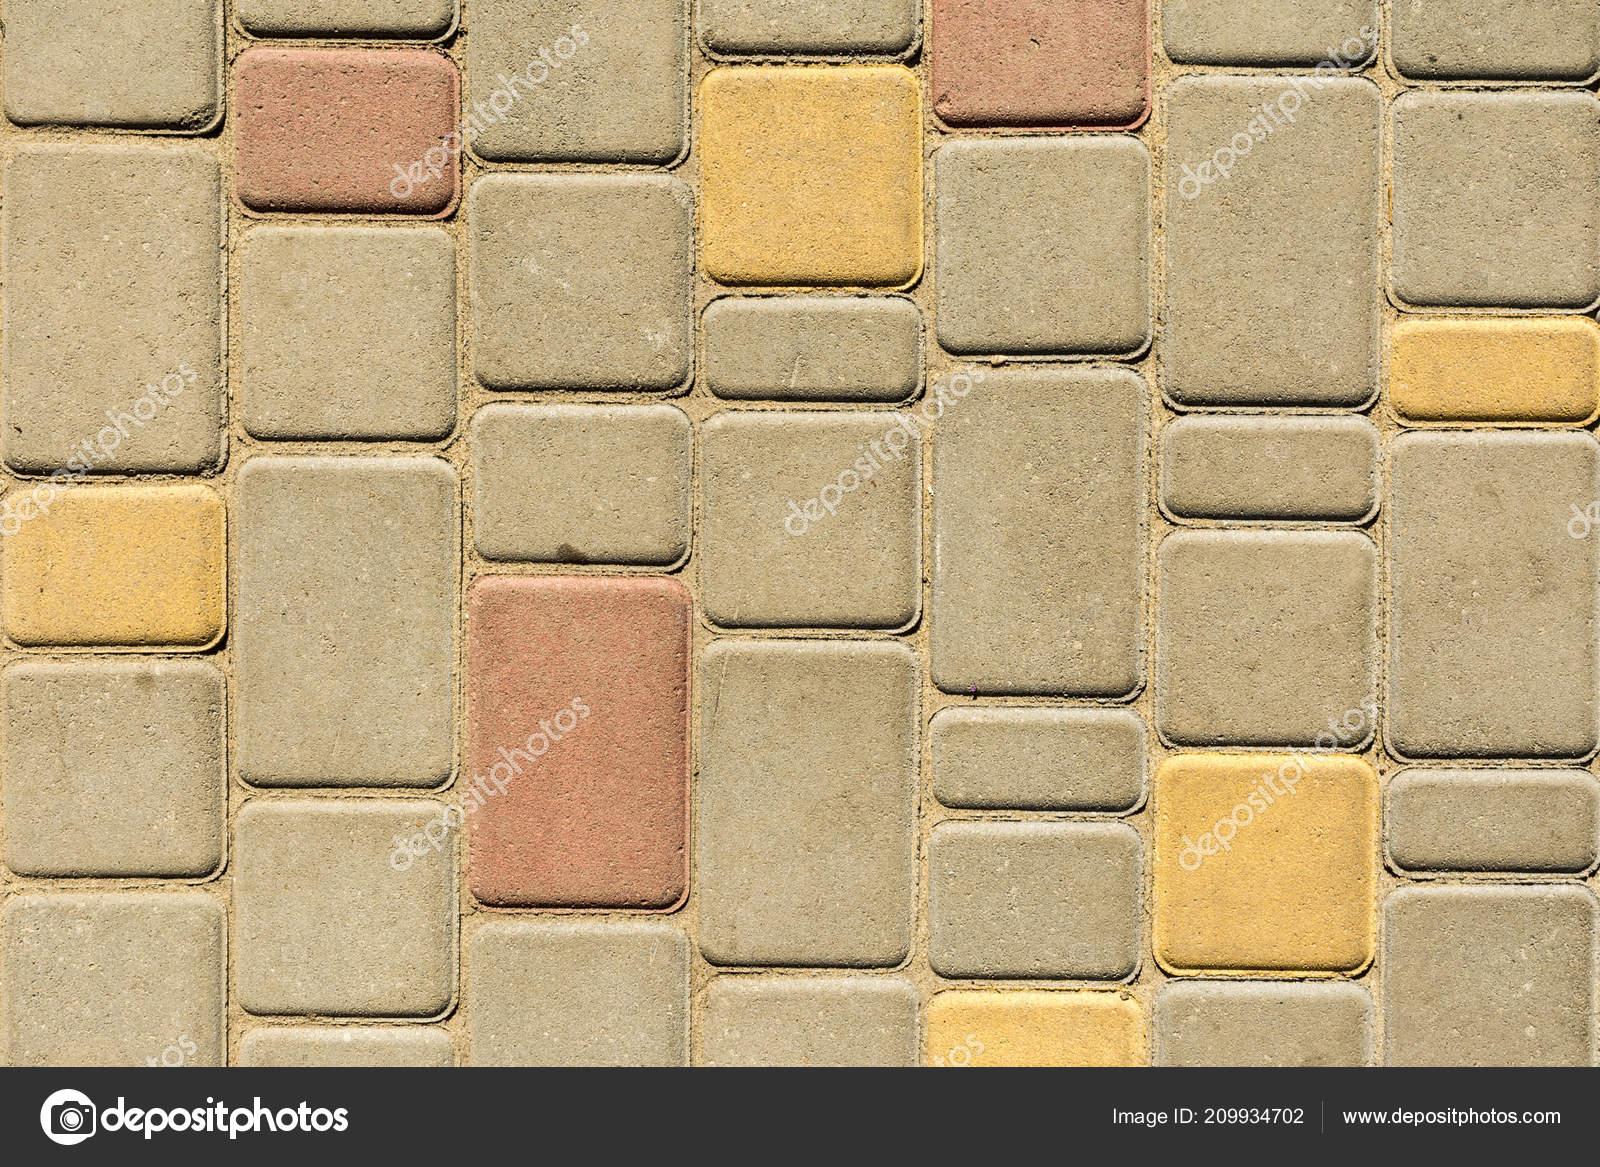 Basato piastrelle colorate decorative cemento architettura astratto